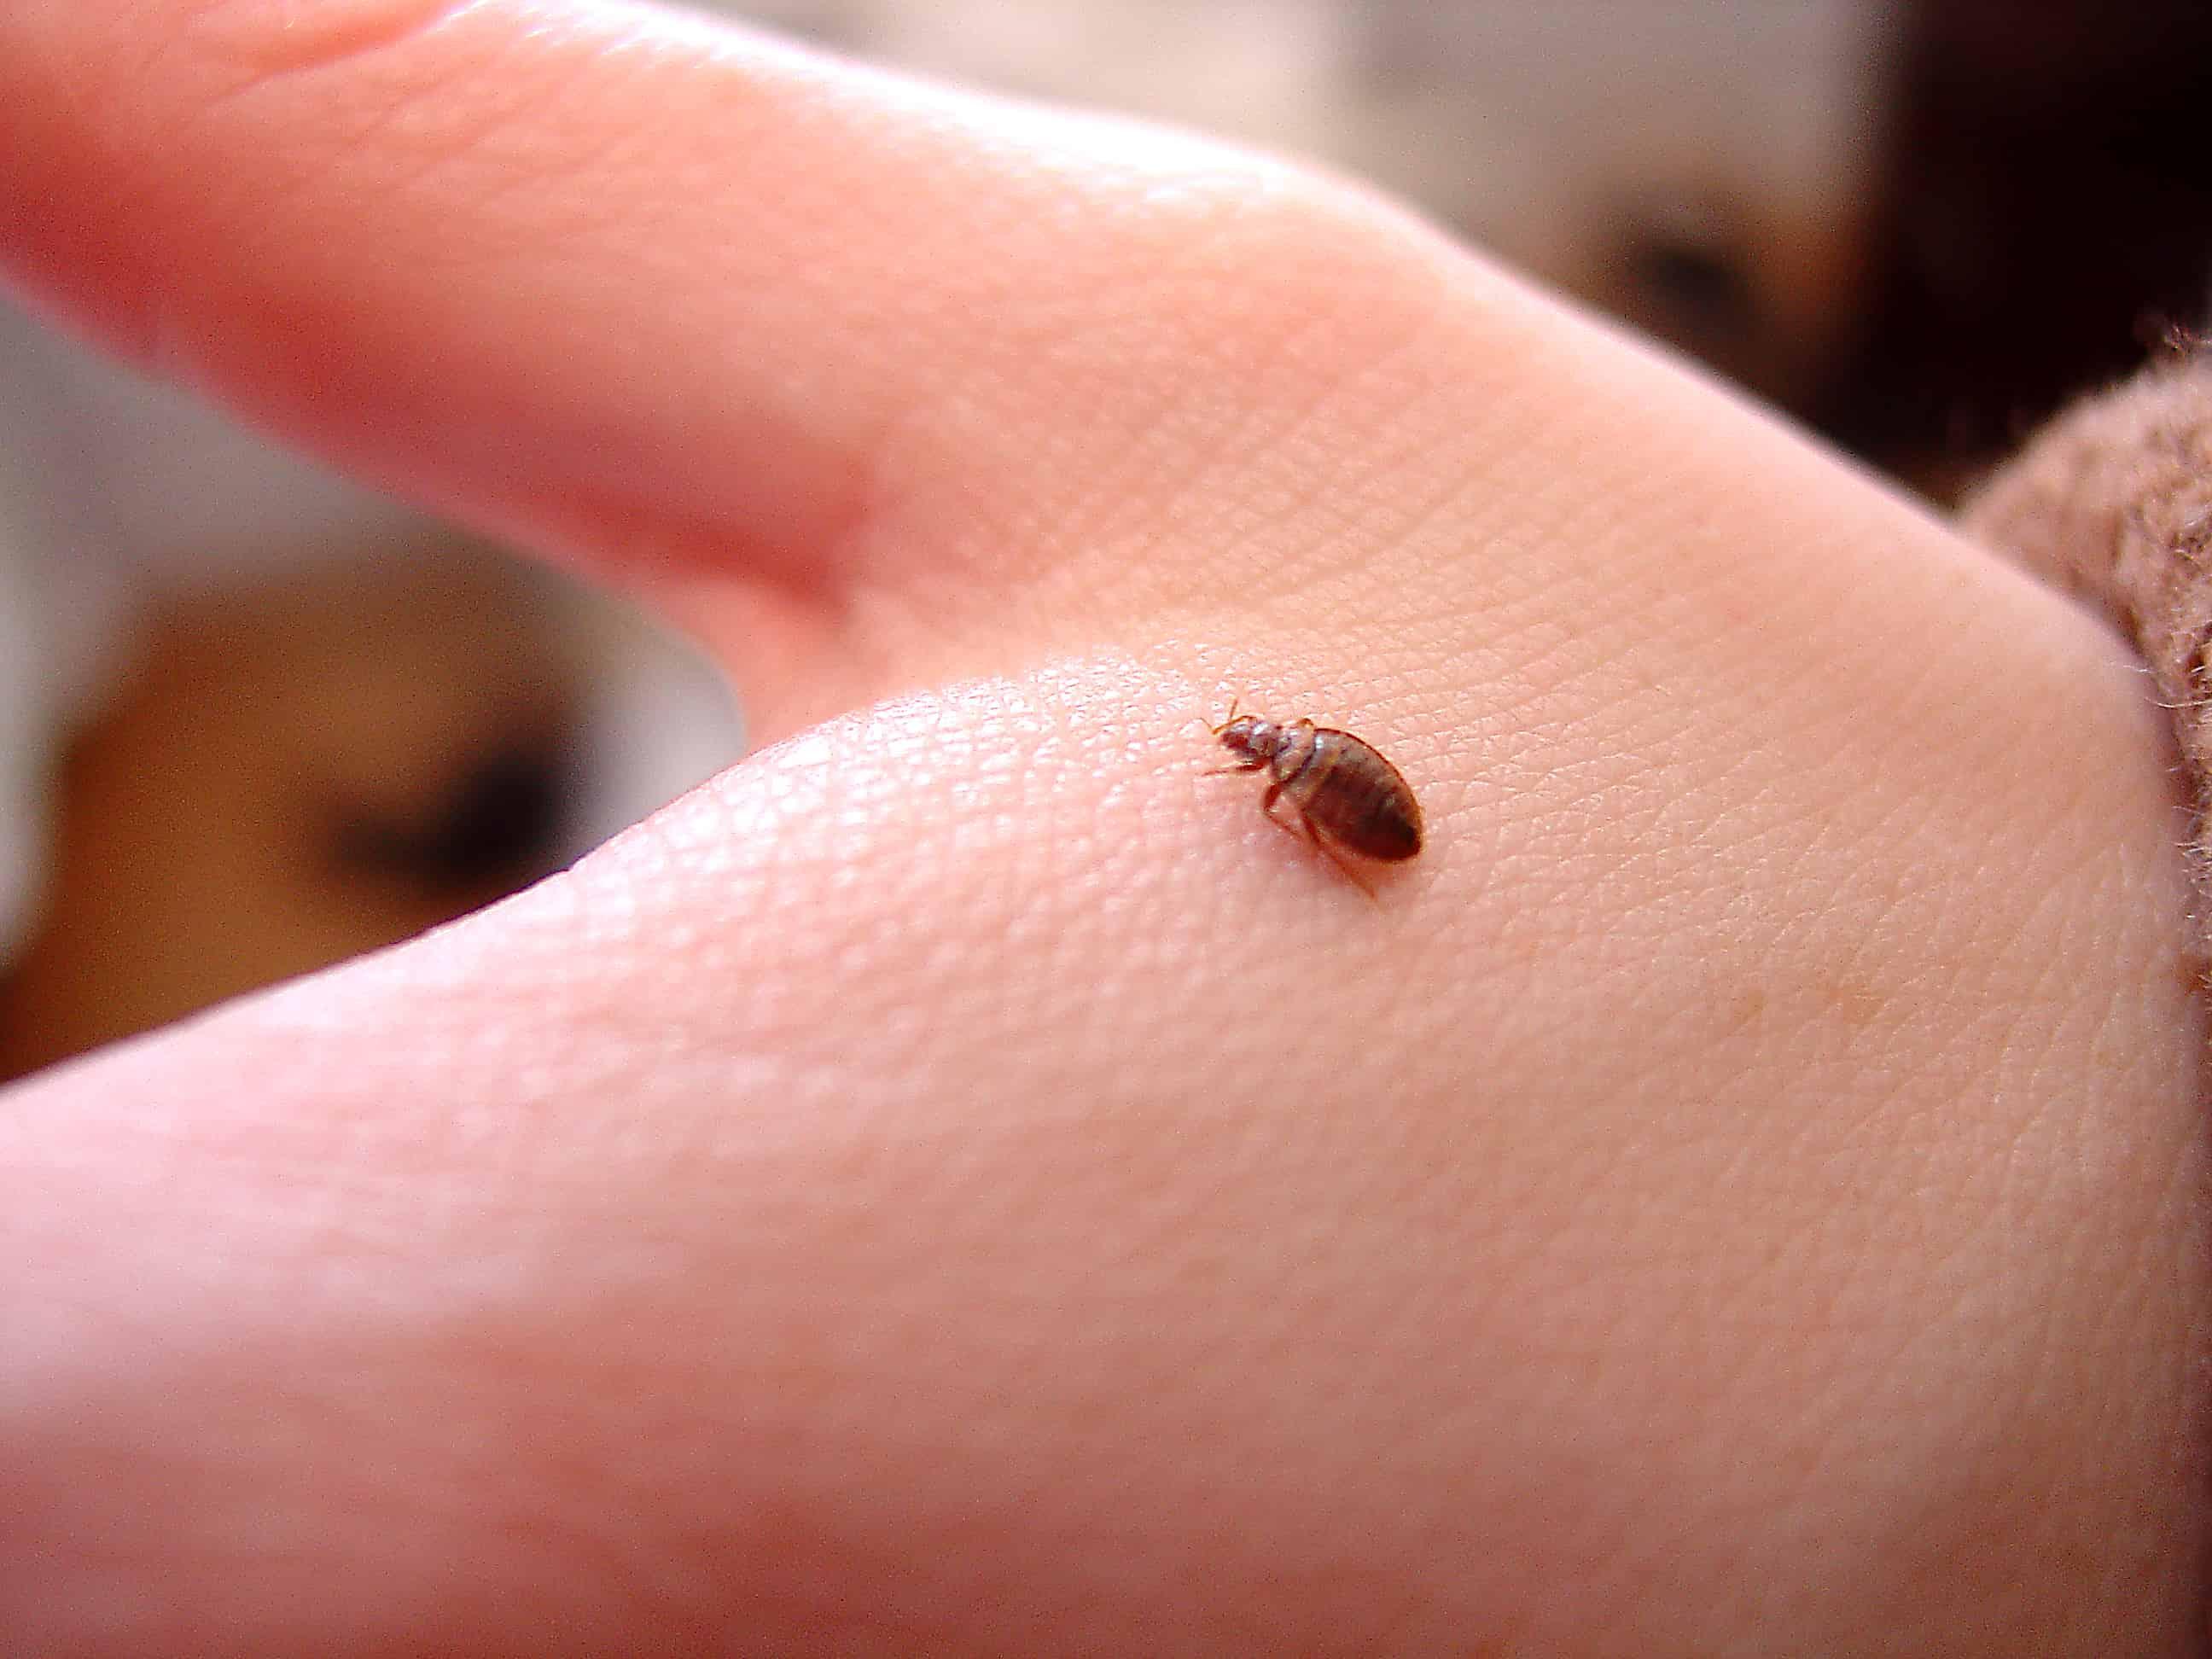 2 Maneras Sencillas de Tratar las Picaduras de Insectos en la Cama (en casa): Identificación, Imágenes, Síntomas